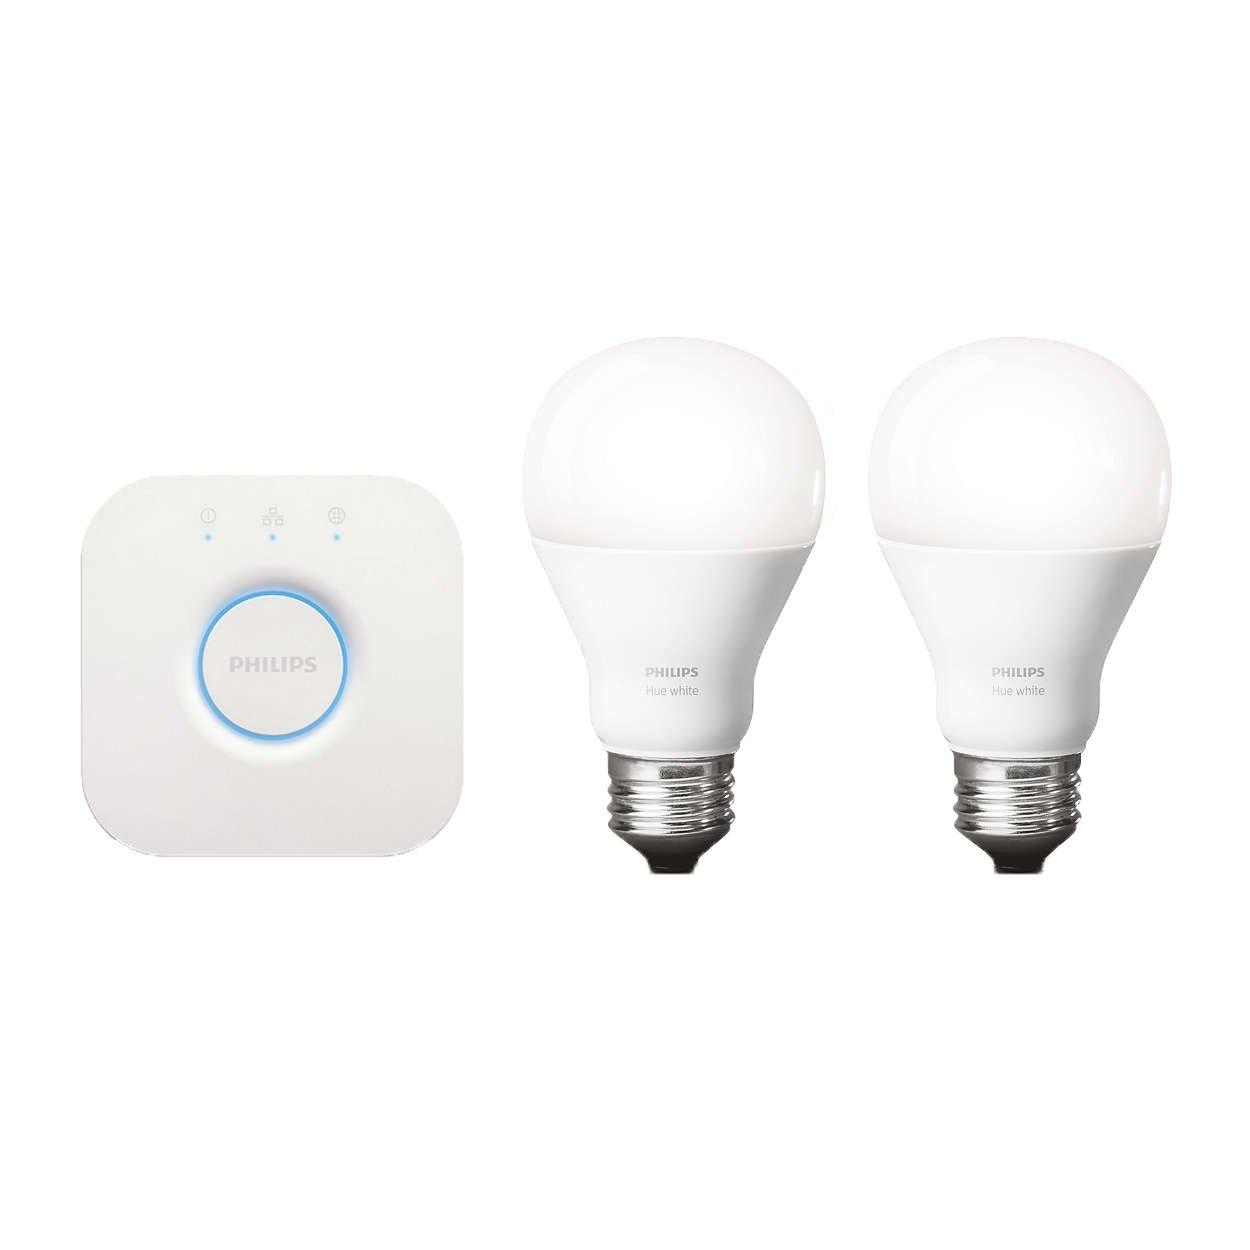 Phillips Hue white LED starter kit